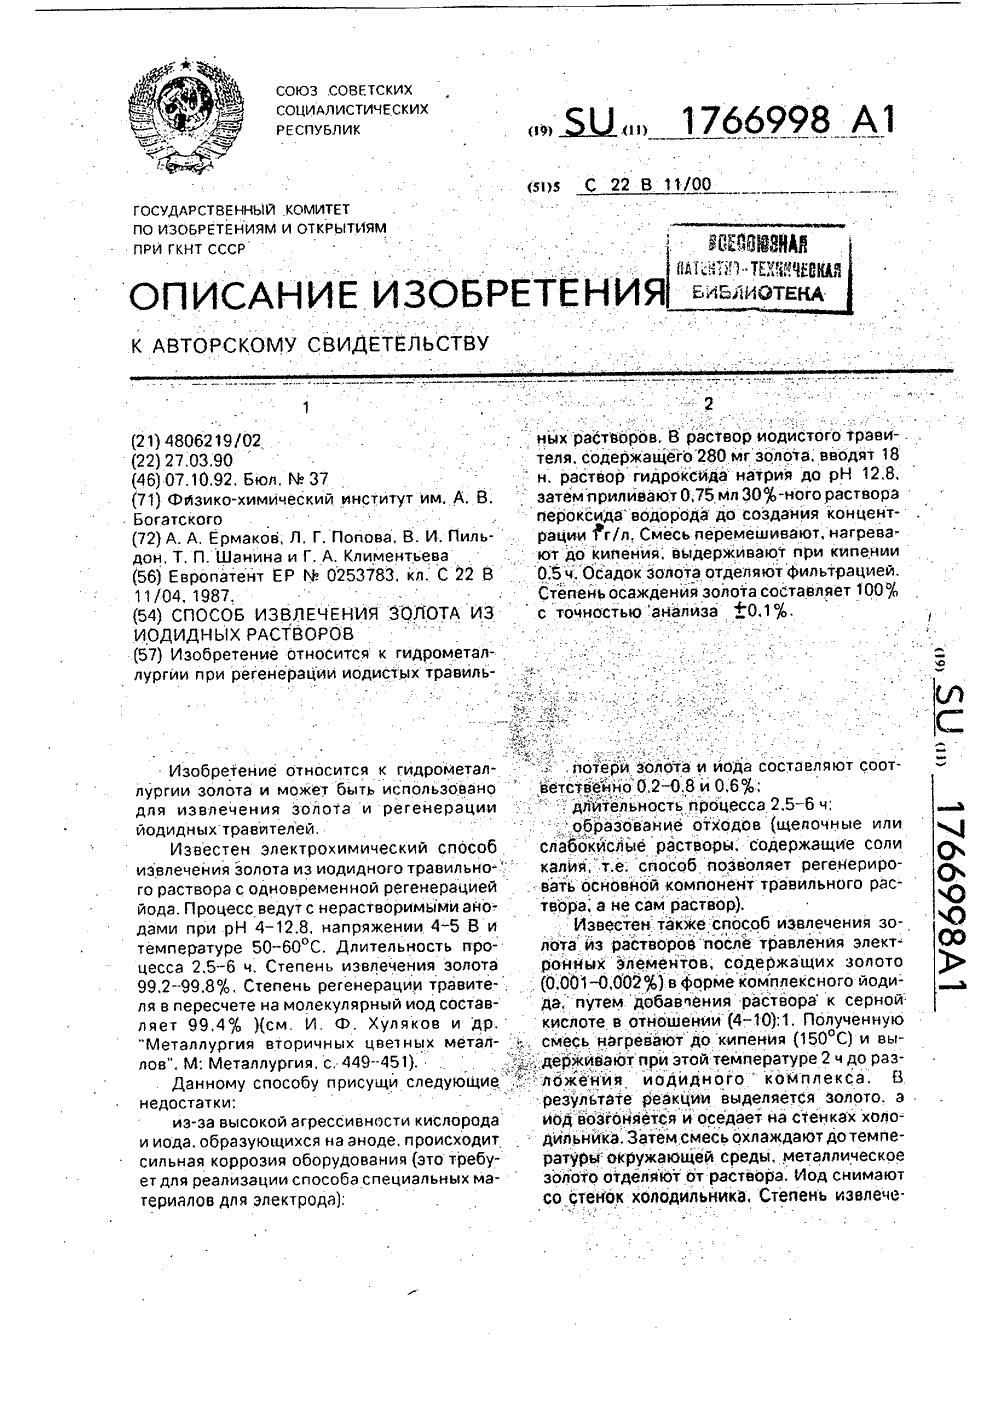 [Изображение: 1766998-sposob-izvlecheniya-zolota-iz-io...orov-1.png]